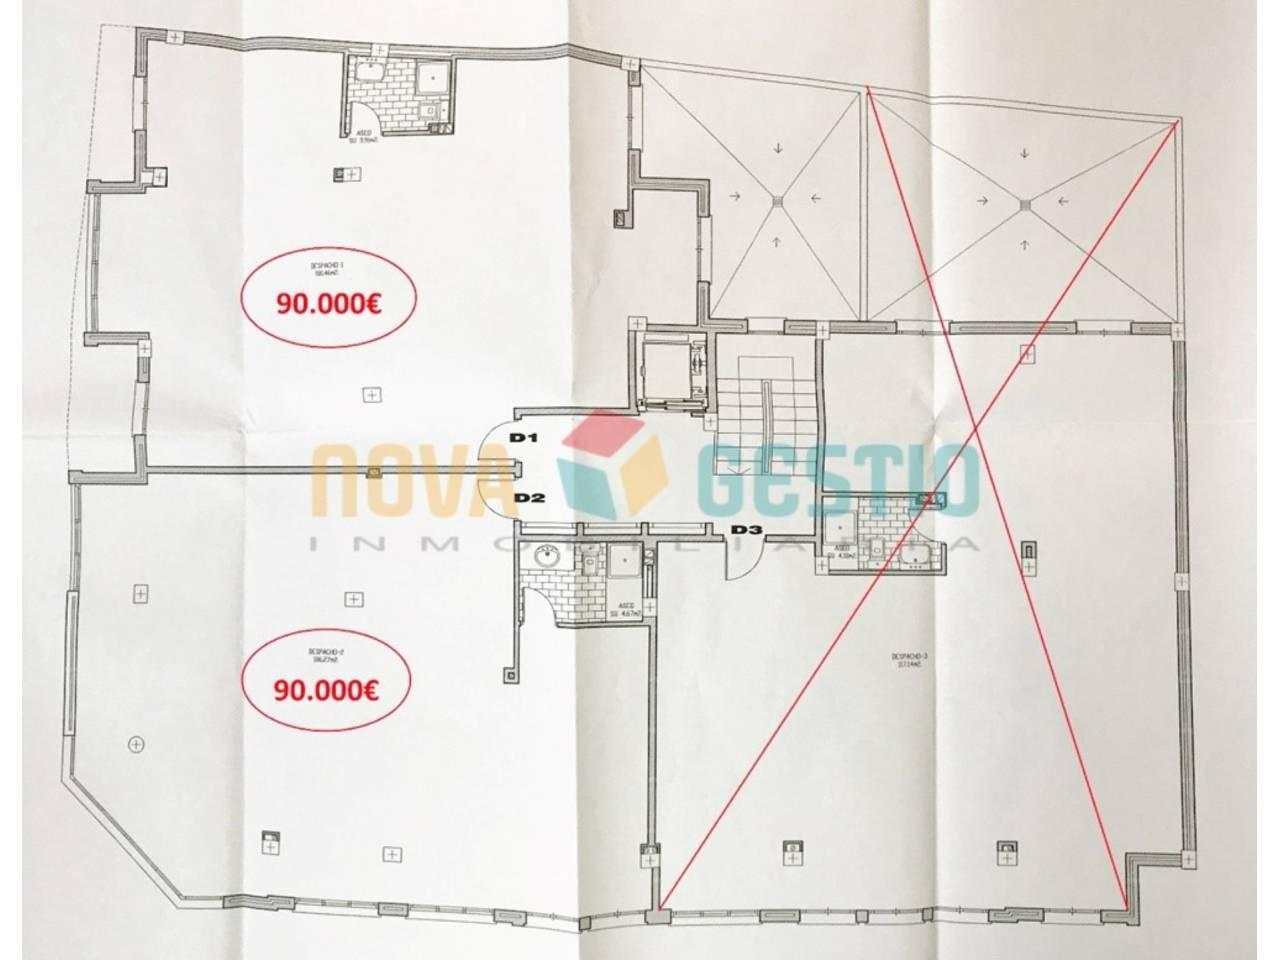 Ufficio  Manacor. Despacho / oficina en venta en manacor, muy bien situada y con v